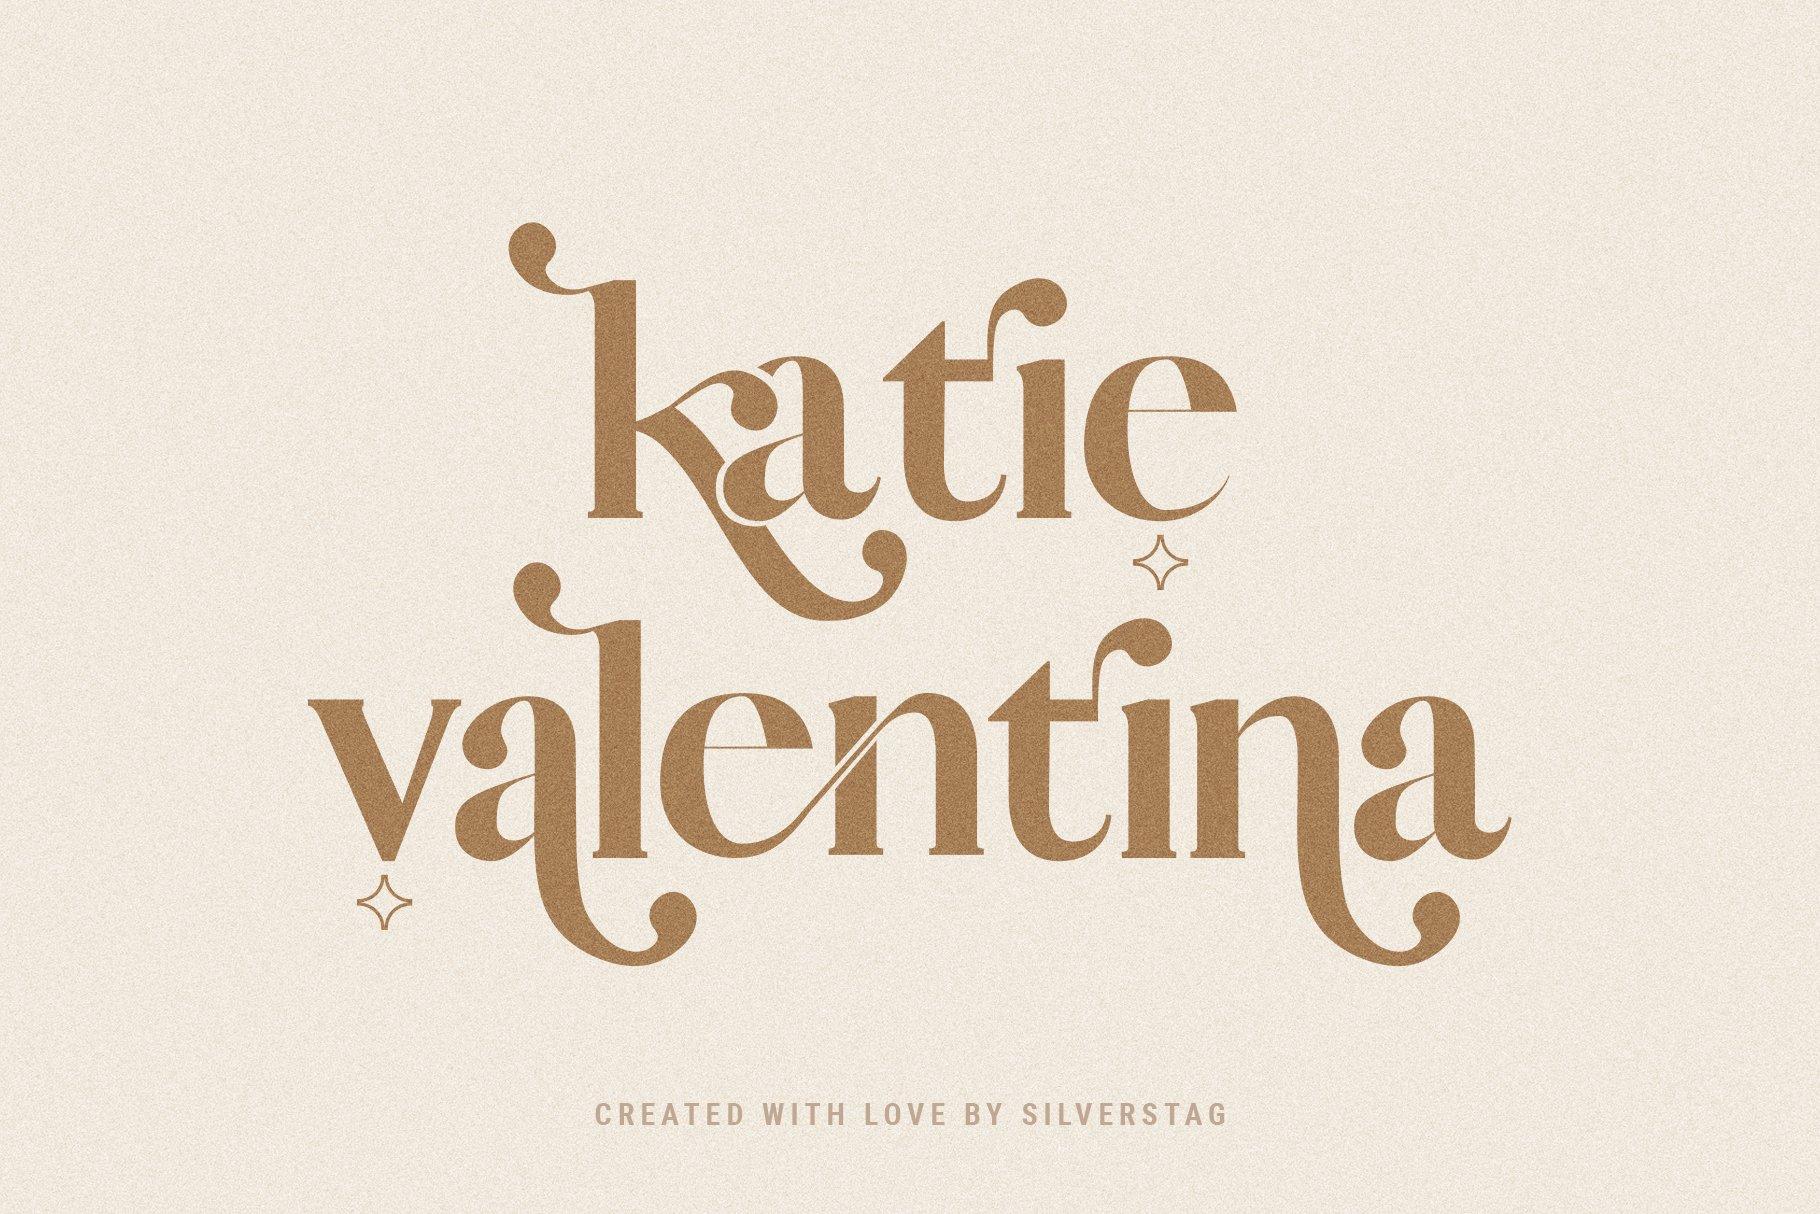 Vicky Christina - Chic & Stylish Ligature Serif Font example image 16